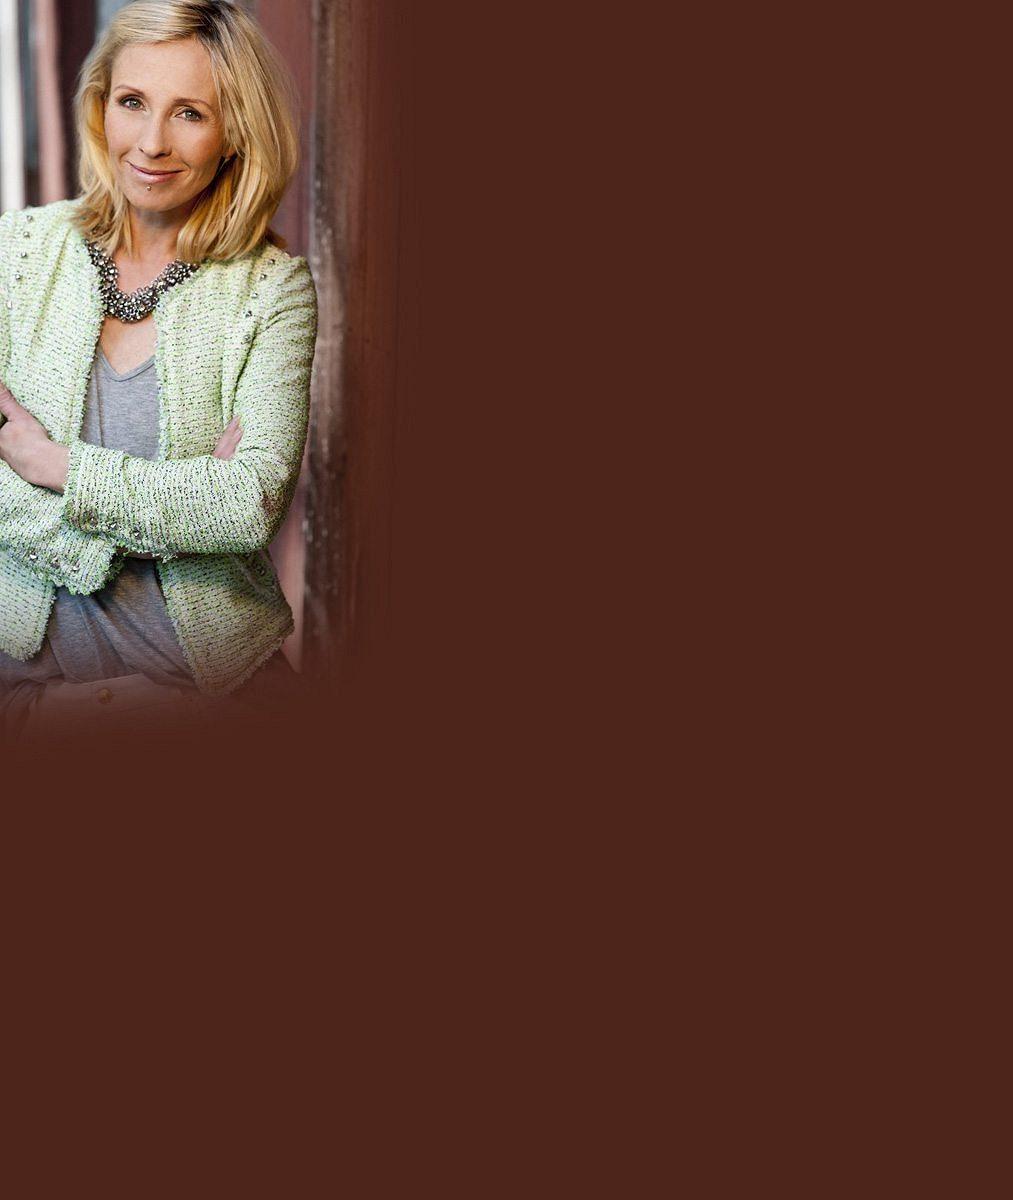 Tereza Pergnerová opět míří na obrazovky: Podívejte se, z jakých šílených podmínek bude pomáhat lidem